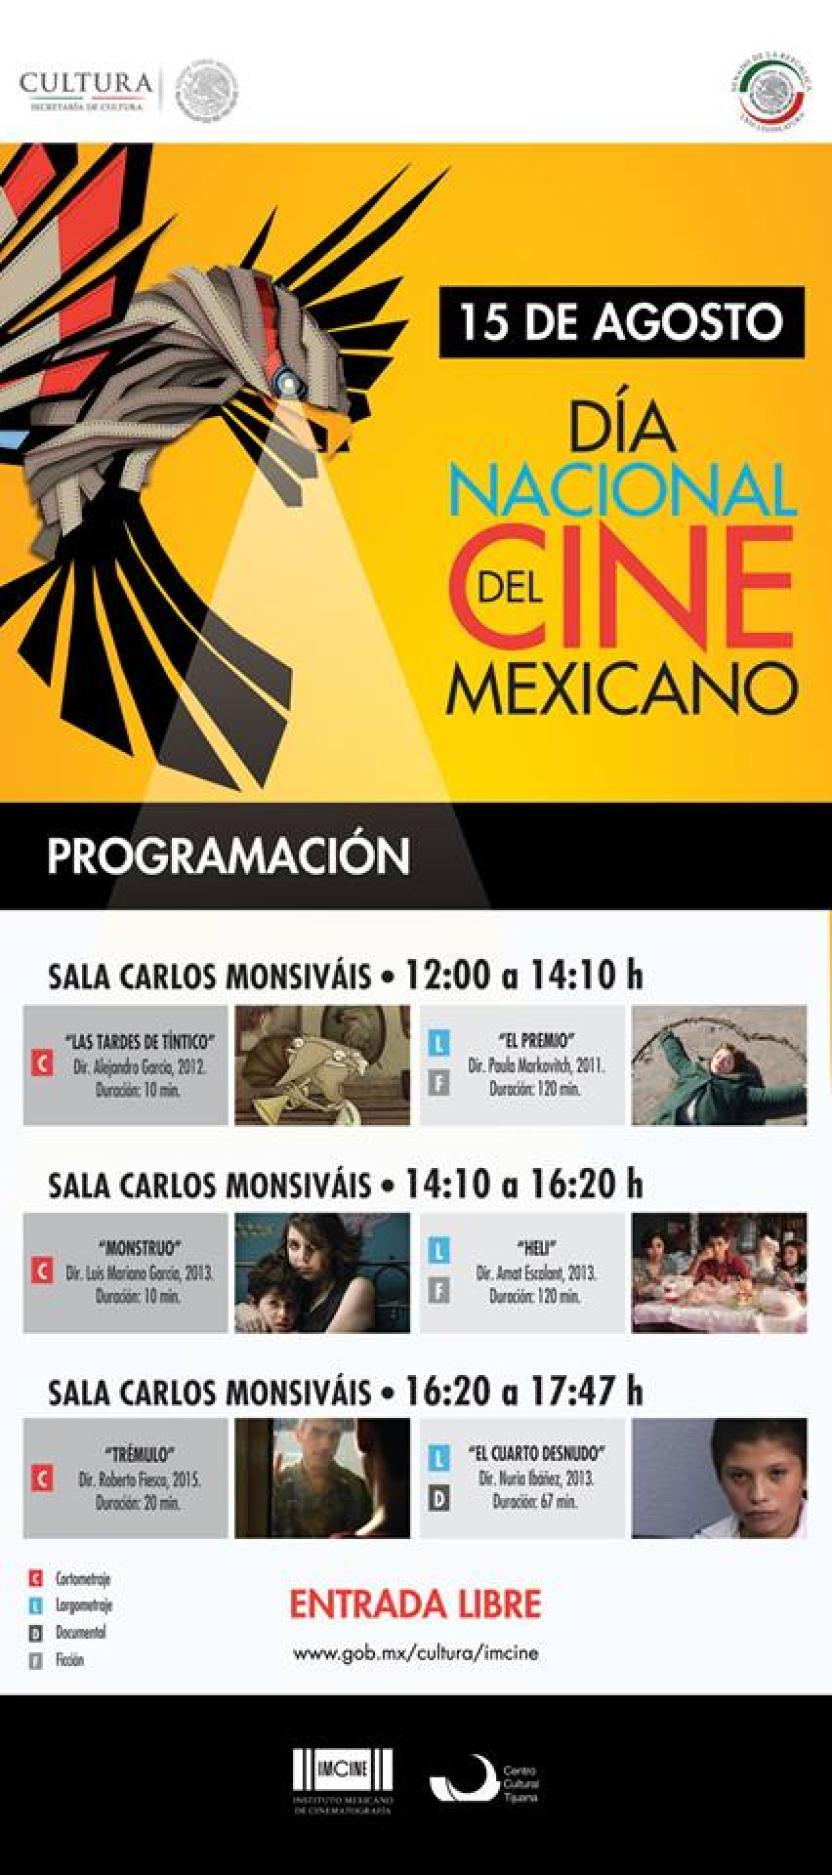 Esta es la programación especial para celebrar el Cine Mexicano